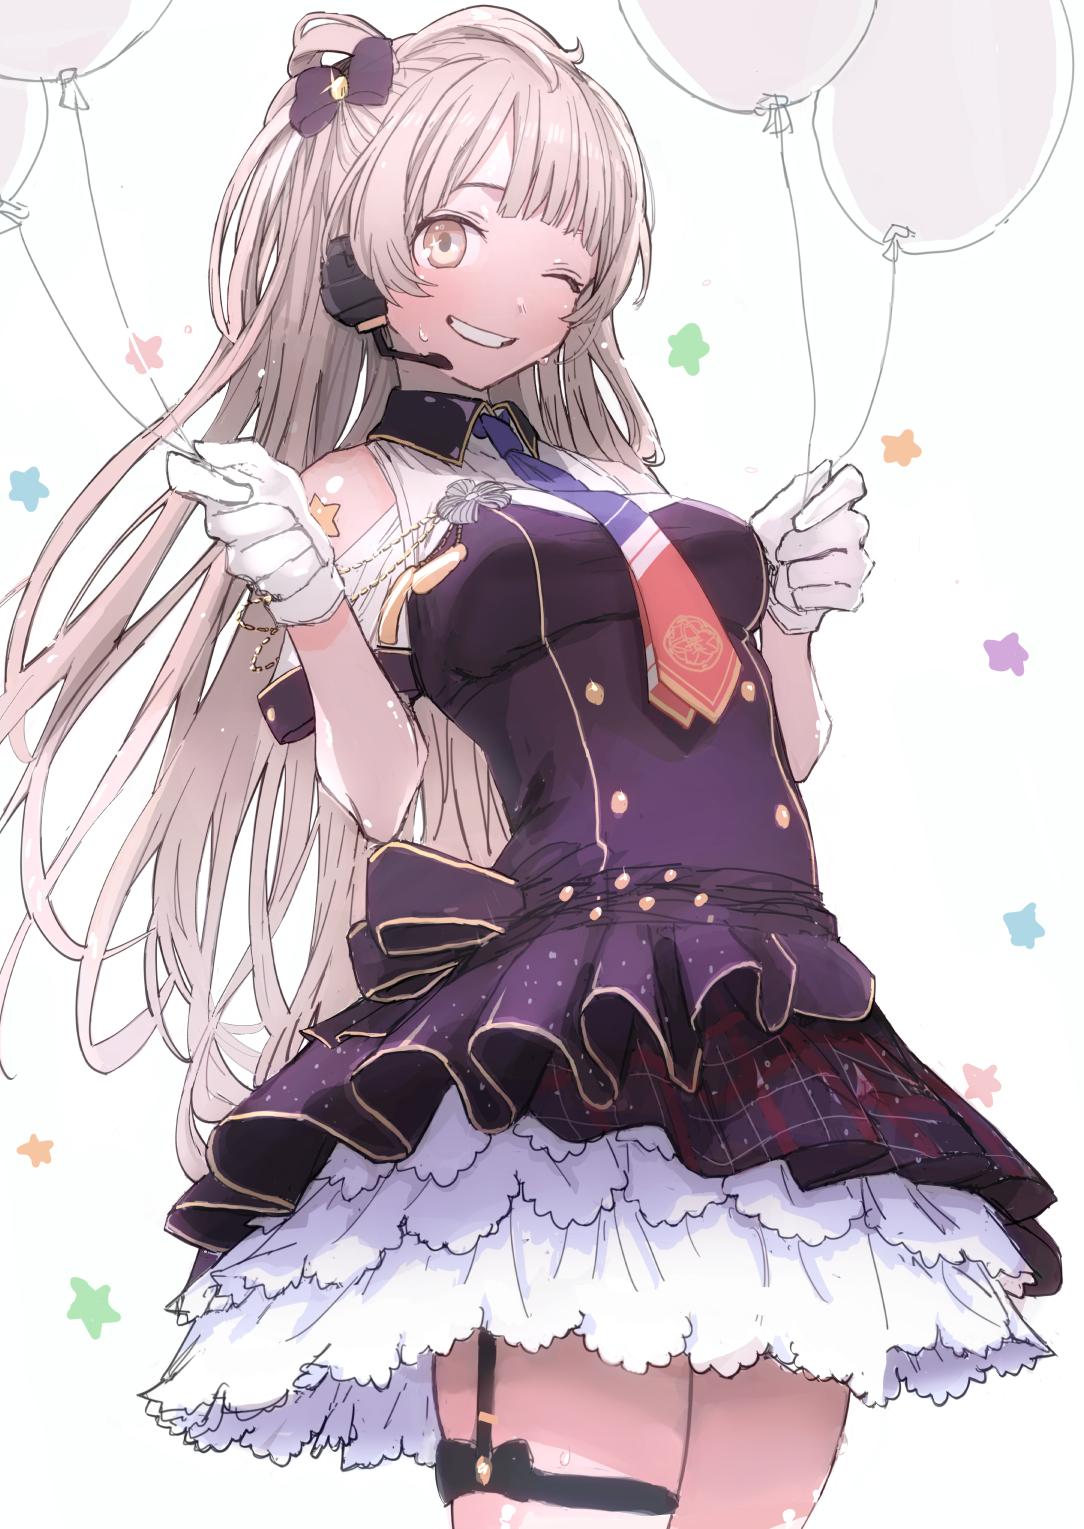 Love Live Wallpaper Zerochan : Minami Kotori - Love Live! - Mobile Wallpaper #1875712 ...